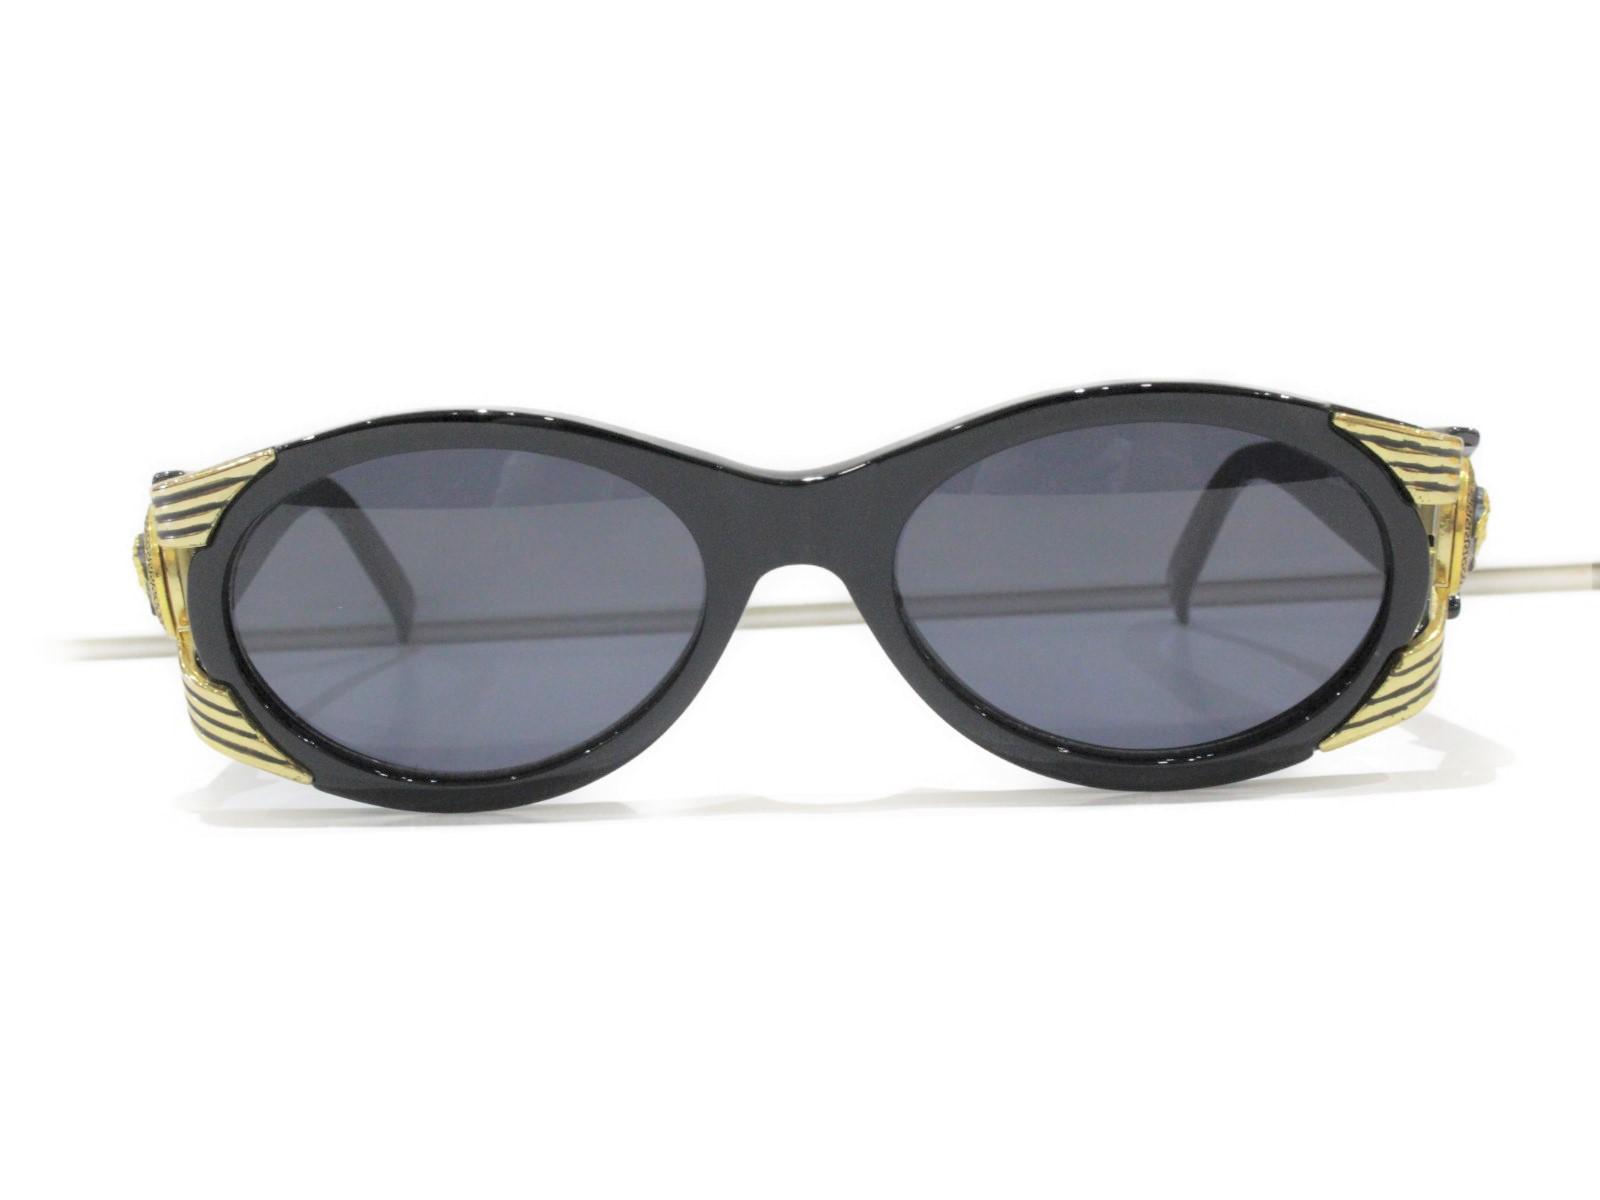 VERSACE ヴェルサーチ サングラス MOD.423 COL852 ブラック×ゴールド金具 プラスチック レディース ユニセックス メンズ ウィメンズ 眼鏡 かっこいい 小物 ゴージャス 高級 バブリー 幅広【中古】